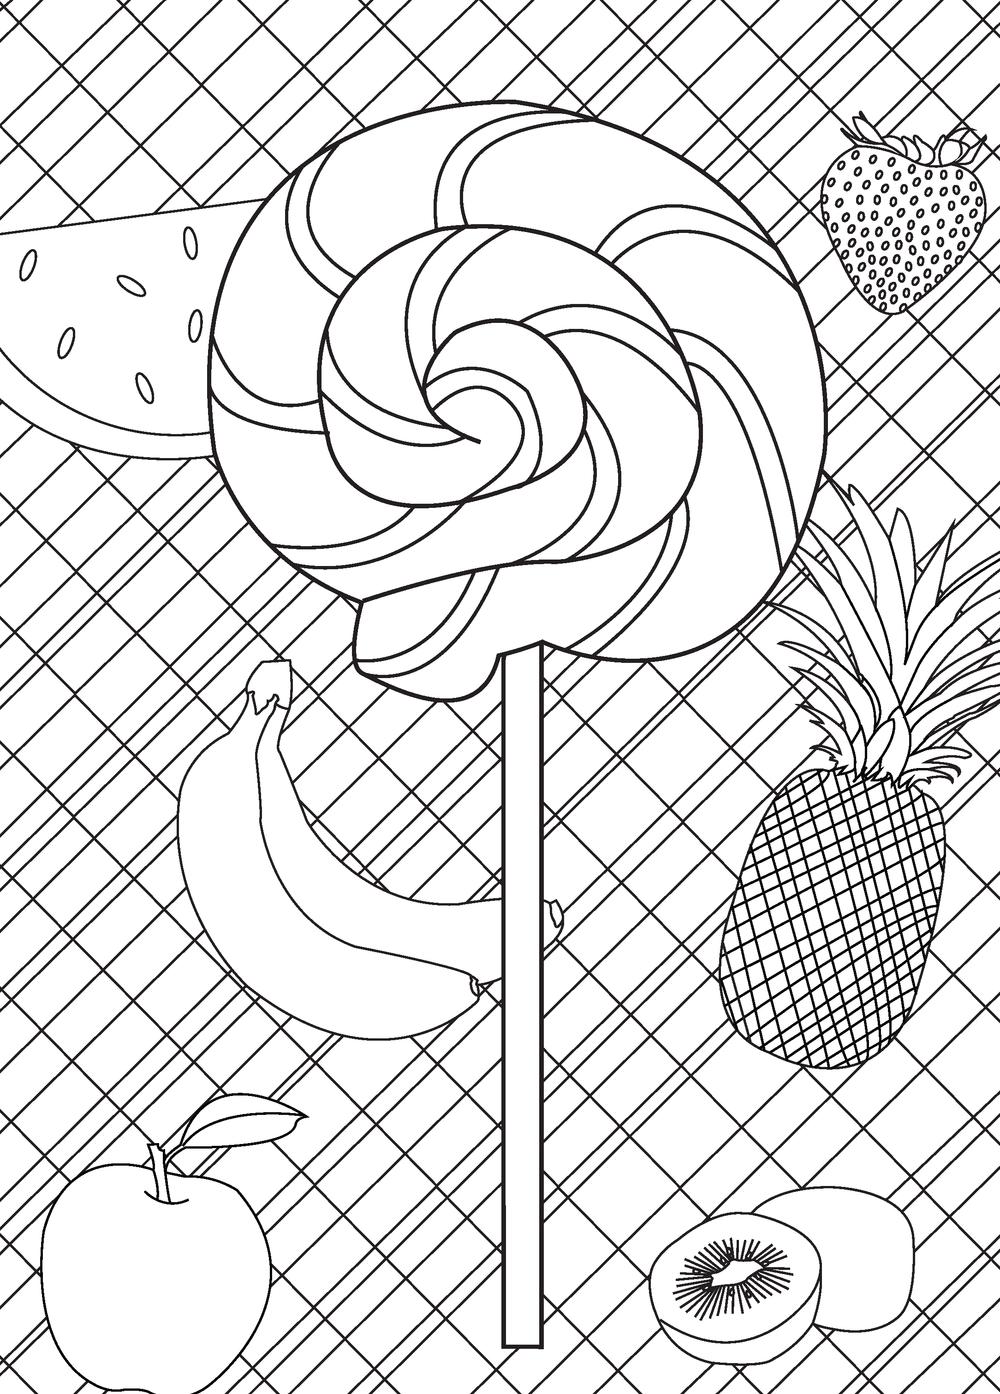 Lollipop Coloring Page